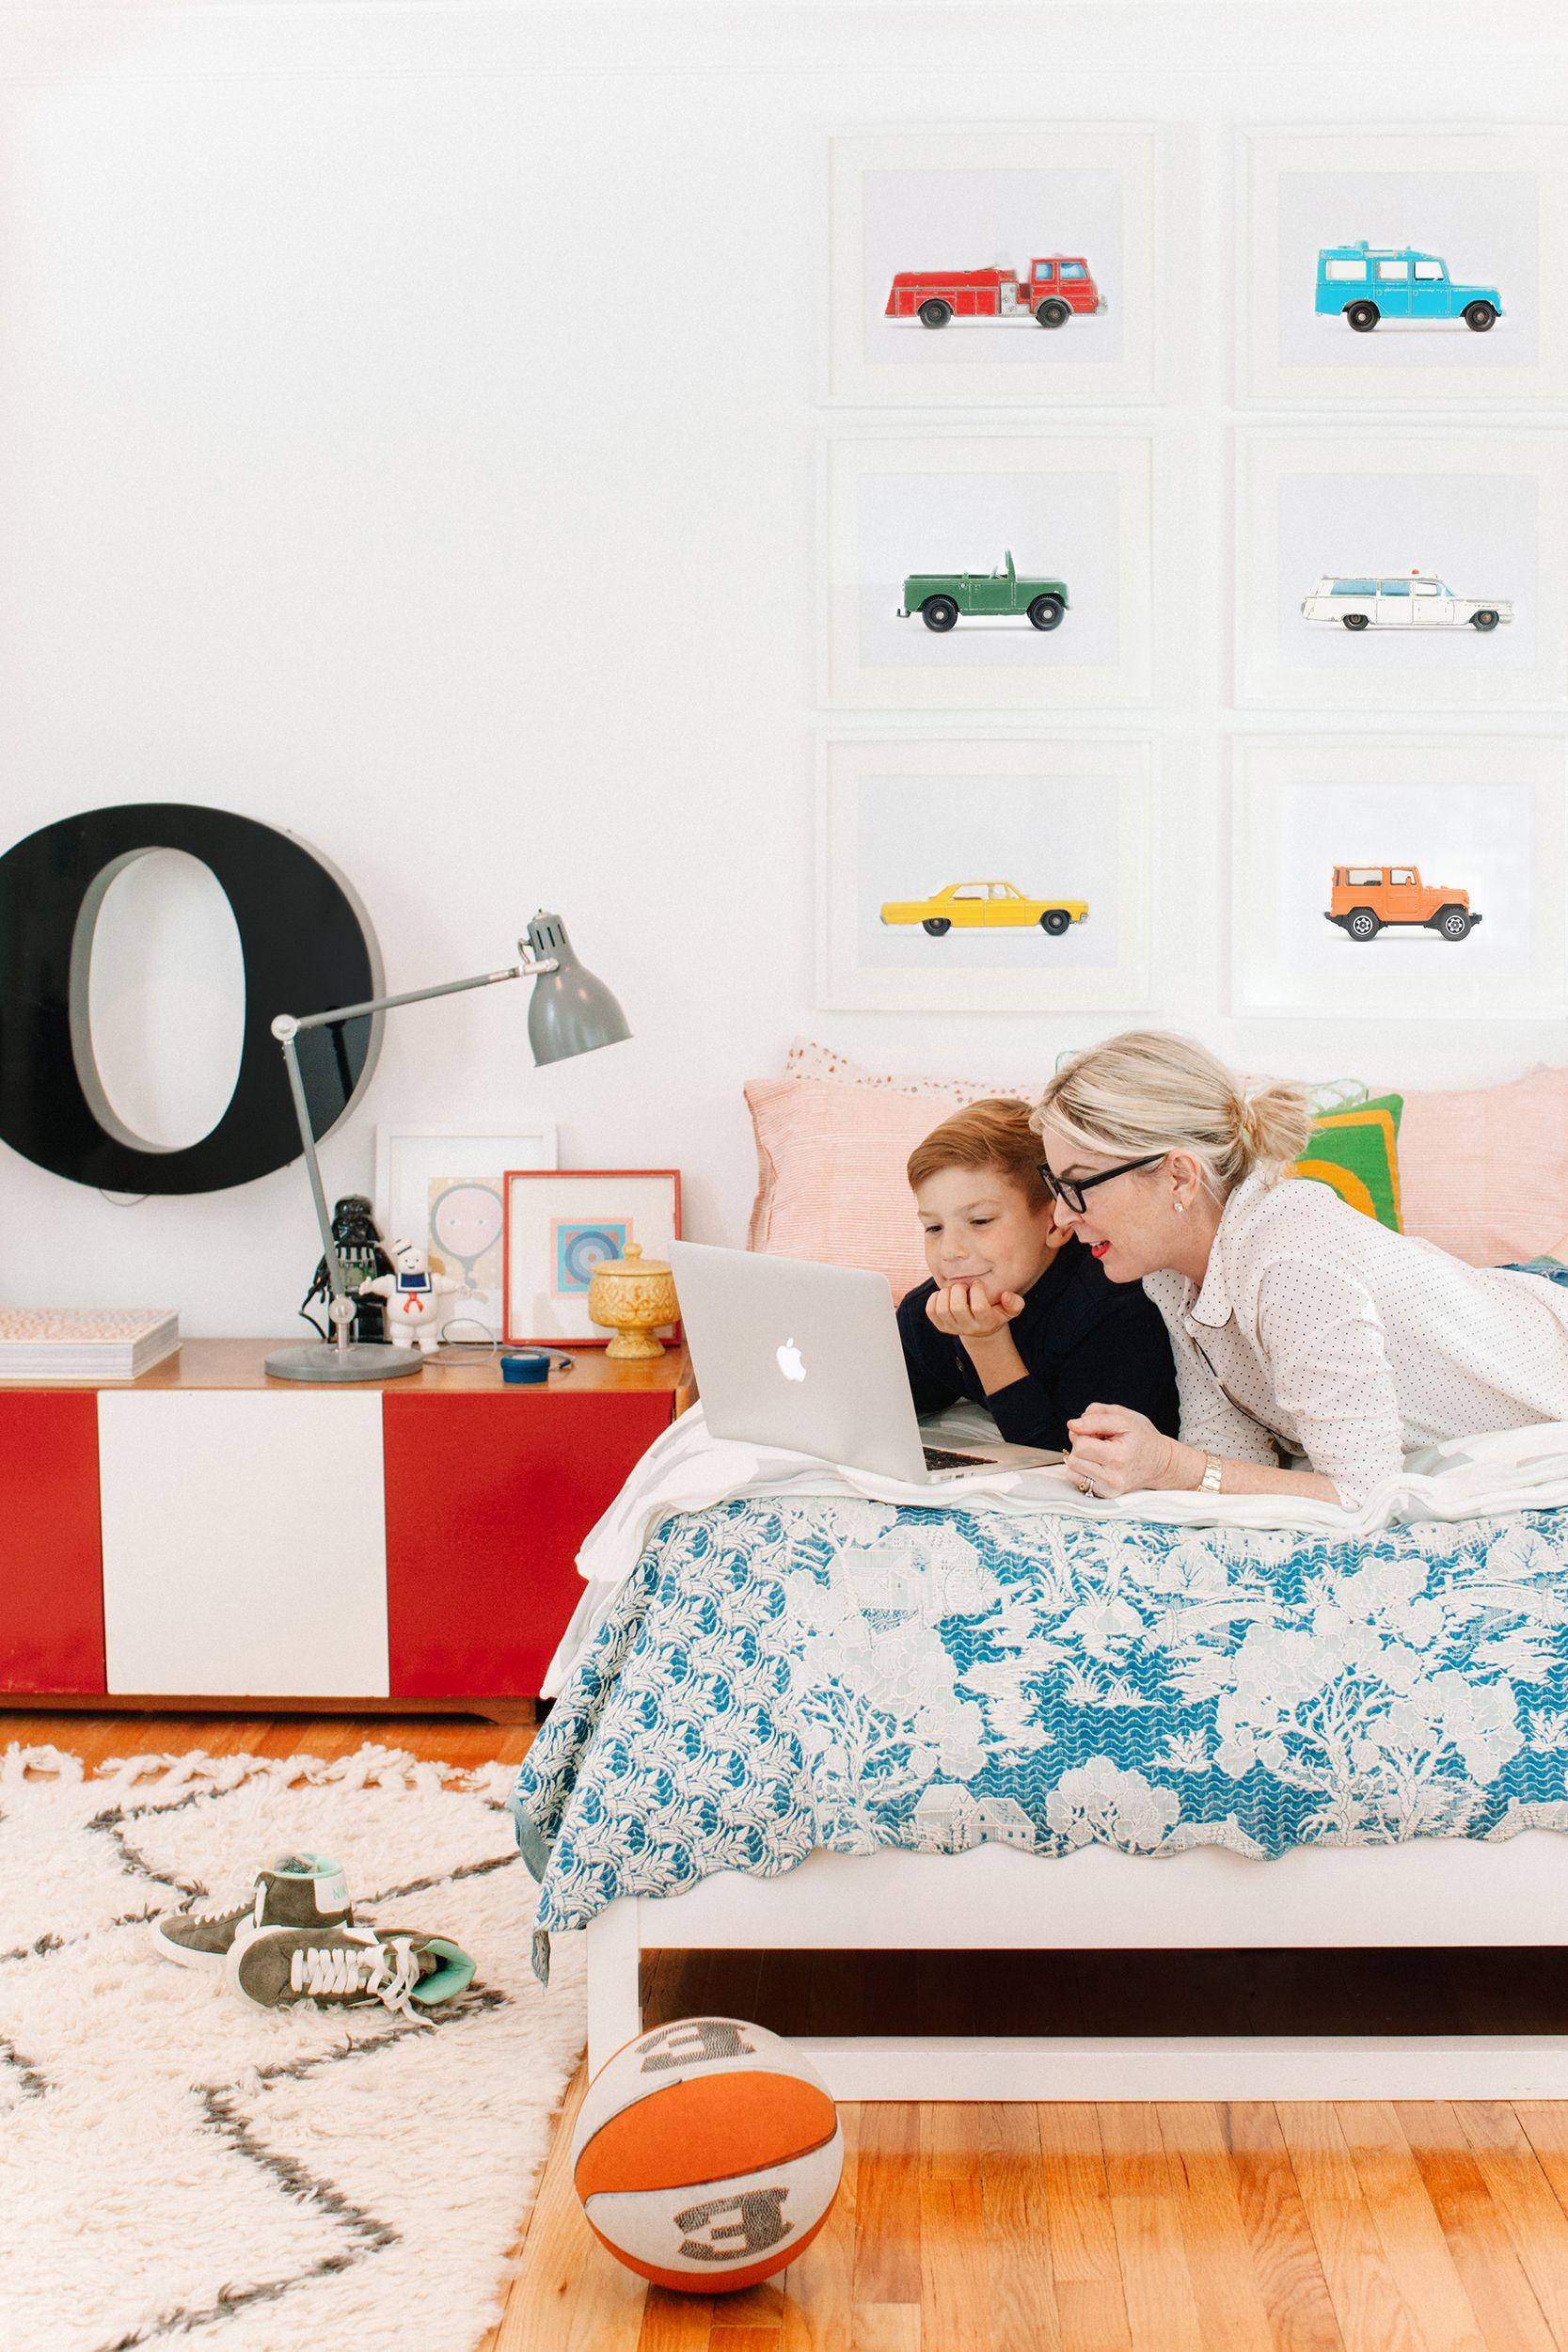 Ziemlich Chic Design Cars Bettwäsche Bilder - Die Designideen für ...